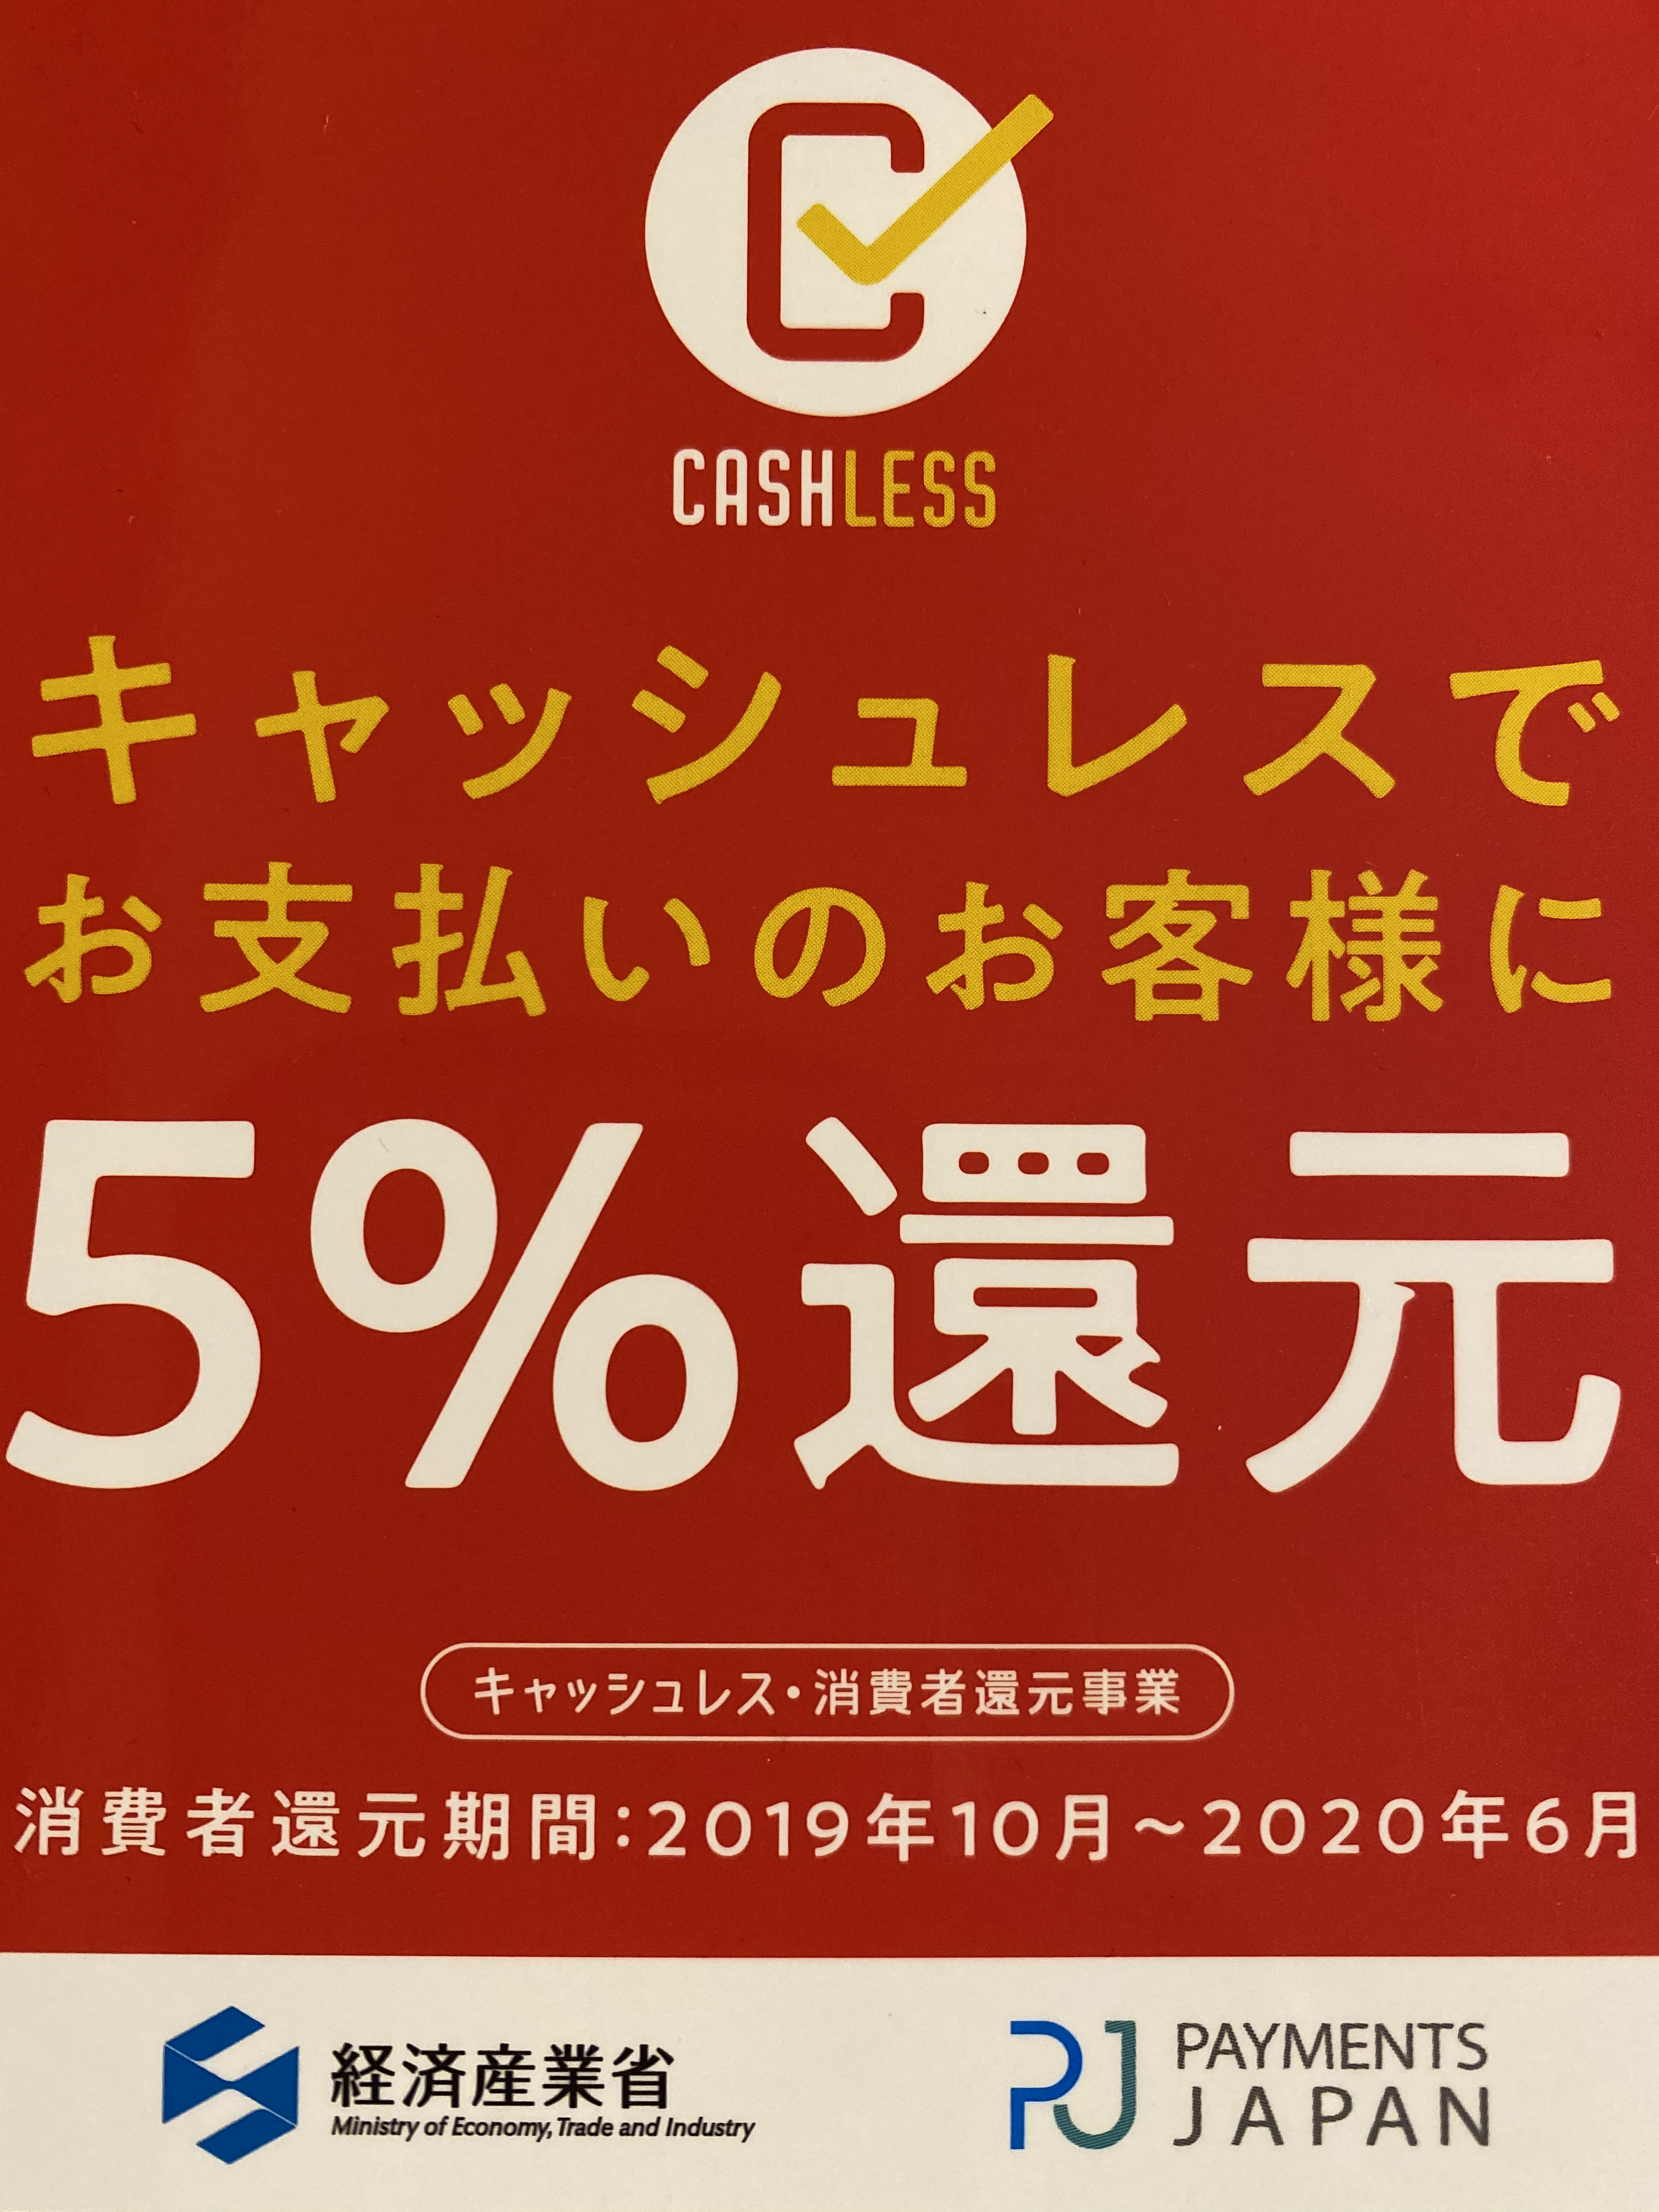 尾張旭市の美容室 untree   キャッシュレス決済のお知らせ